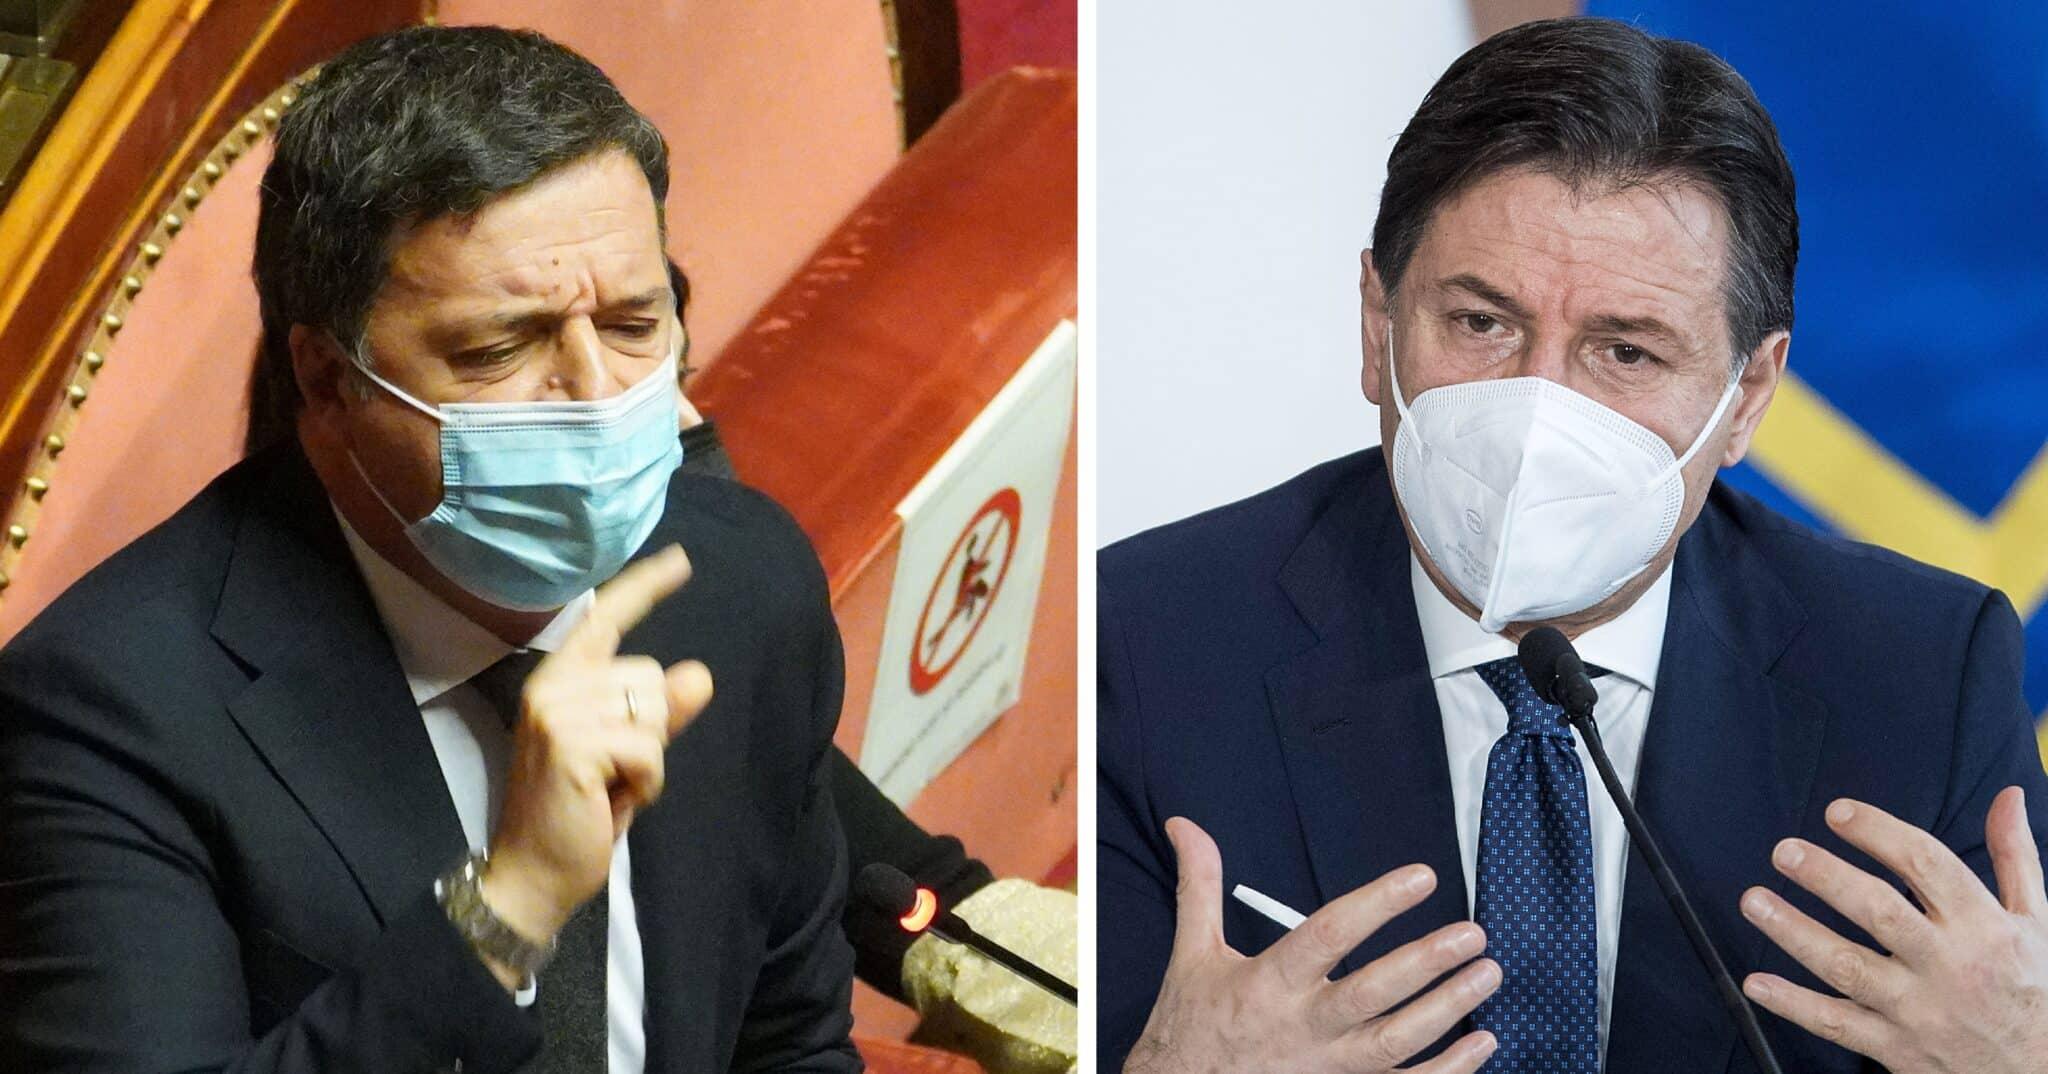 Renzi respinge l'offerta di Conte: crisi di governo sempre più vicina | Il  Primato Nazionale